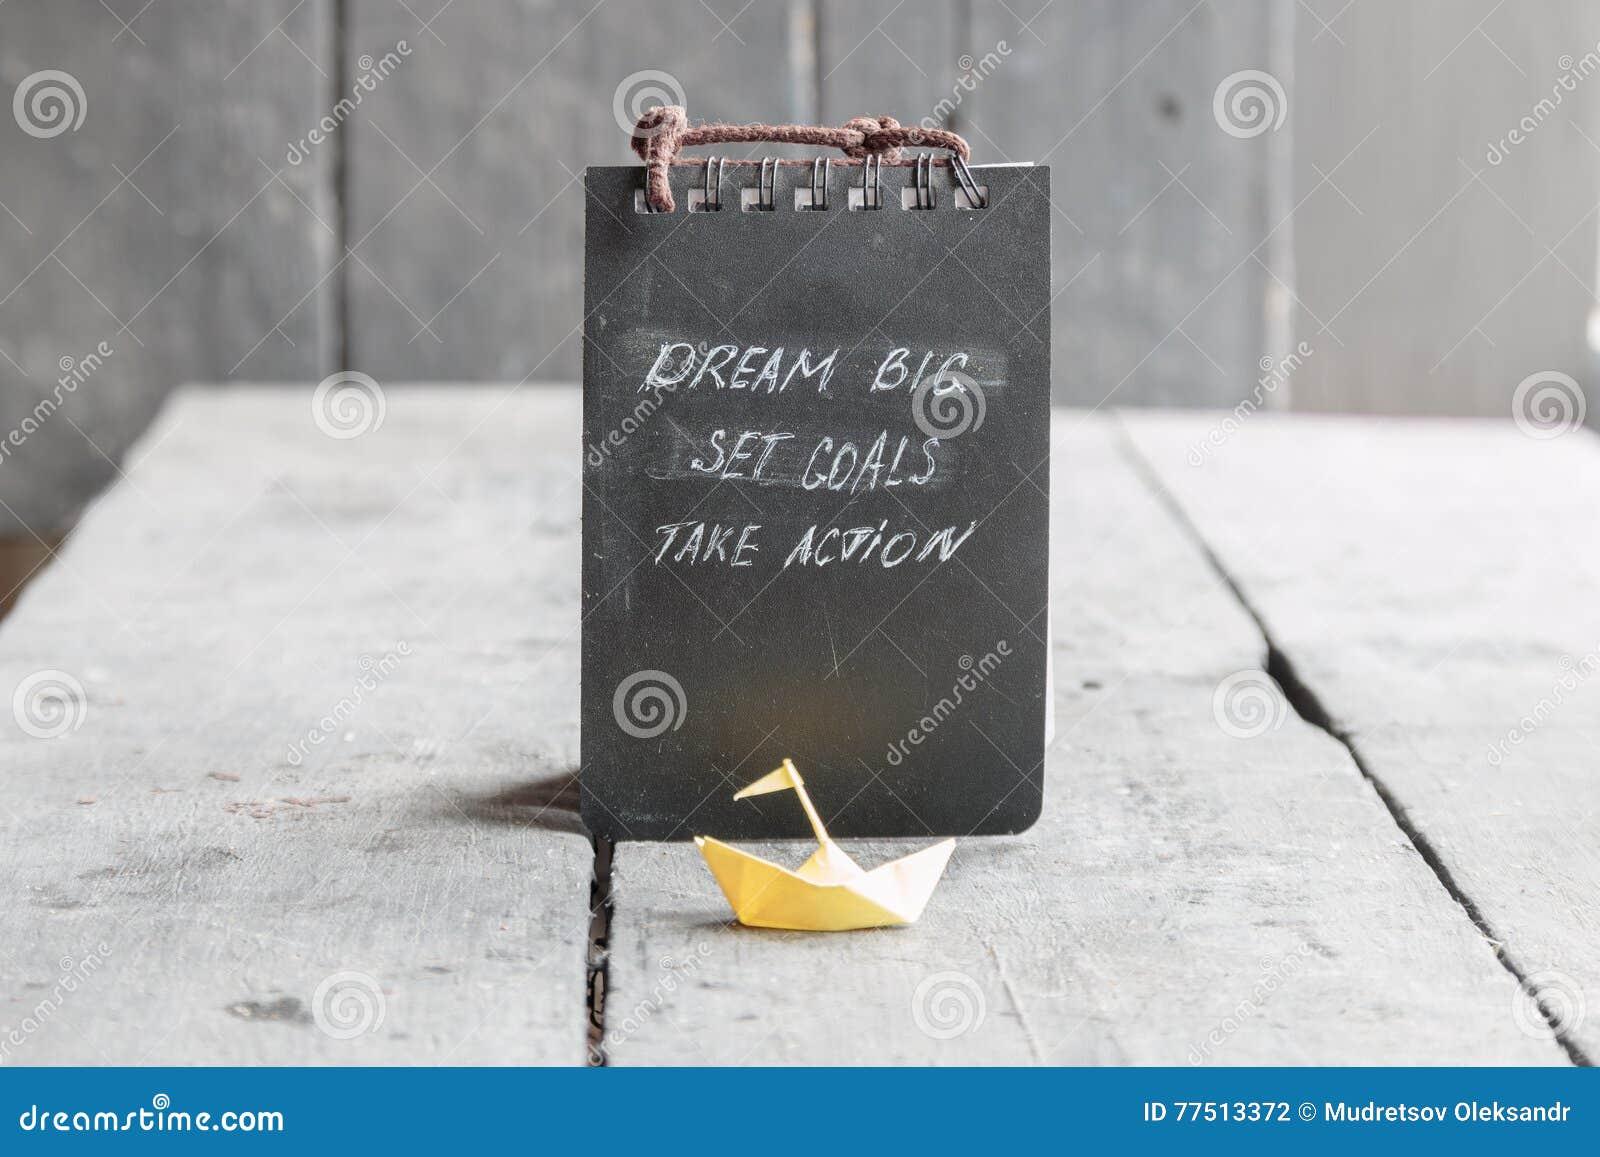 Motivational quotes dream quotes dream big quotes action quotes - Dream Big Set Goal Take Action Motivational Quote Stock Photo